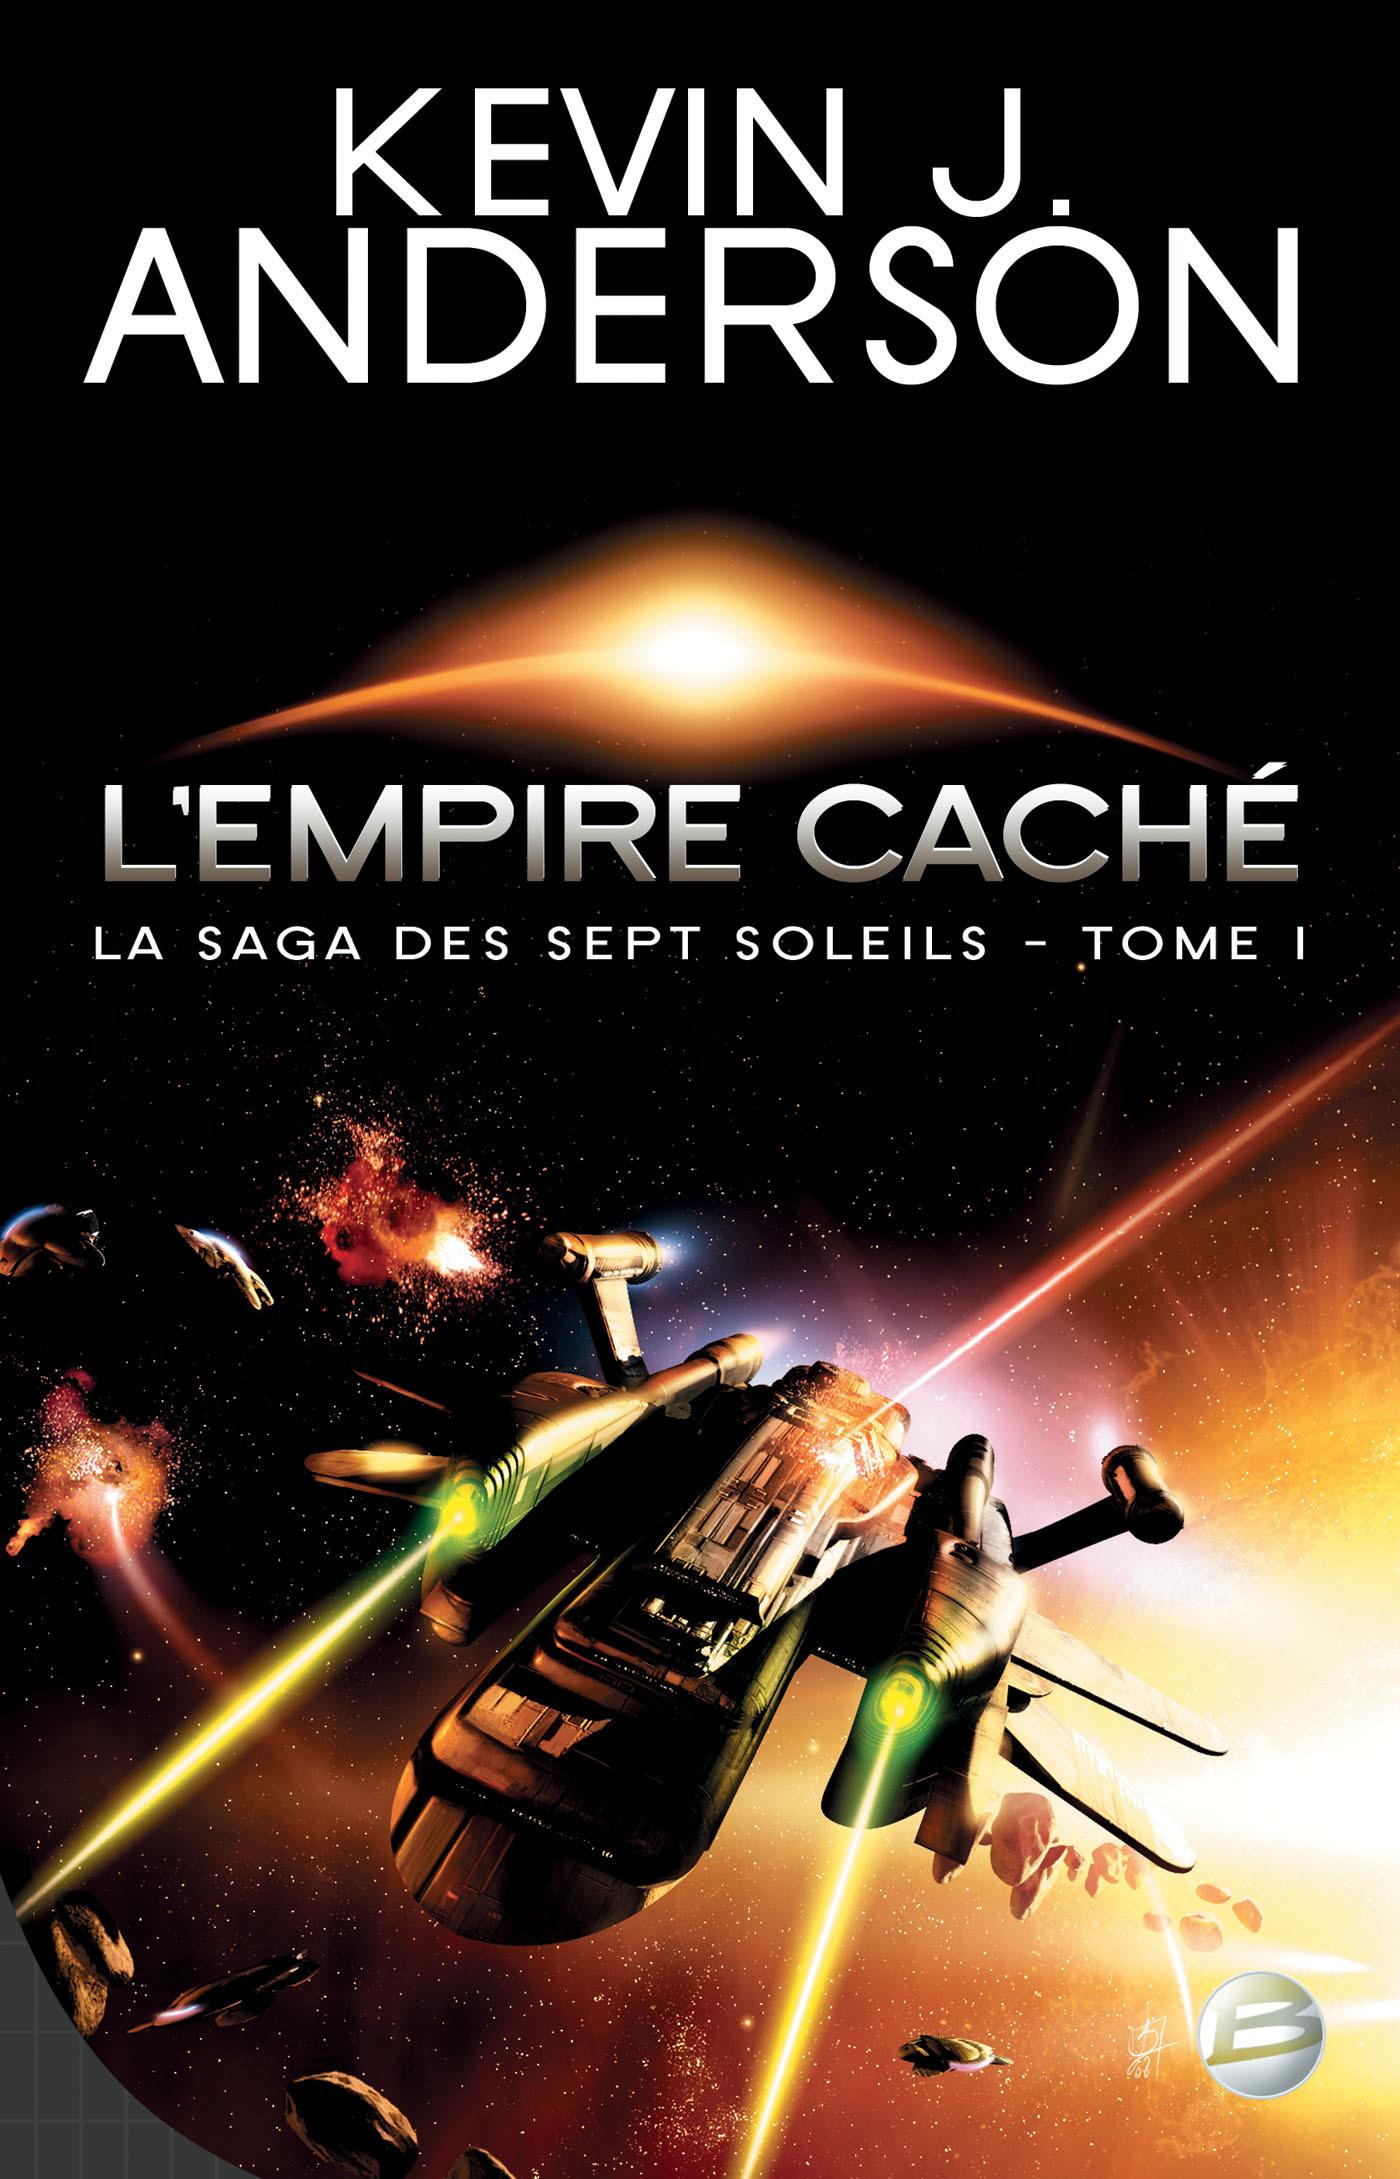 L'Empire caché, LA SAGA DES SEPT SOLEILS, T1